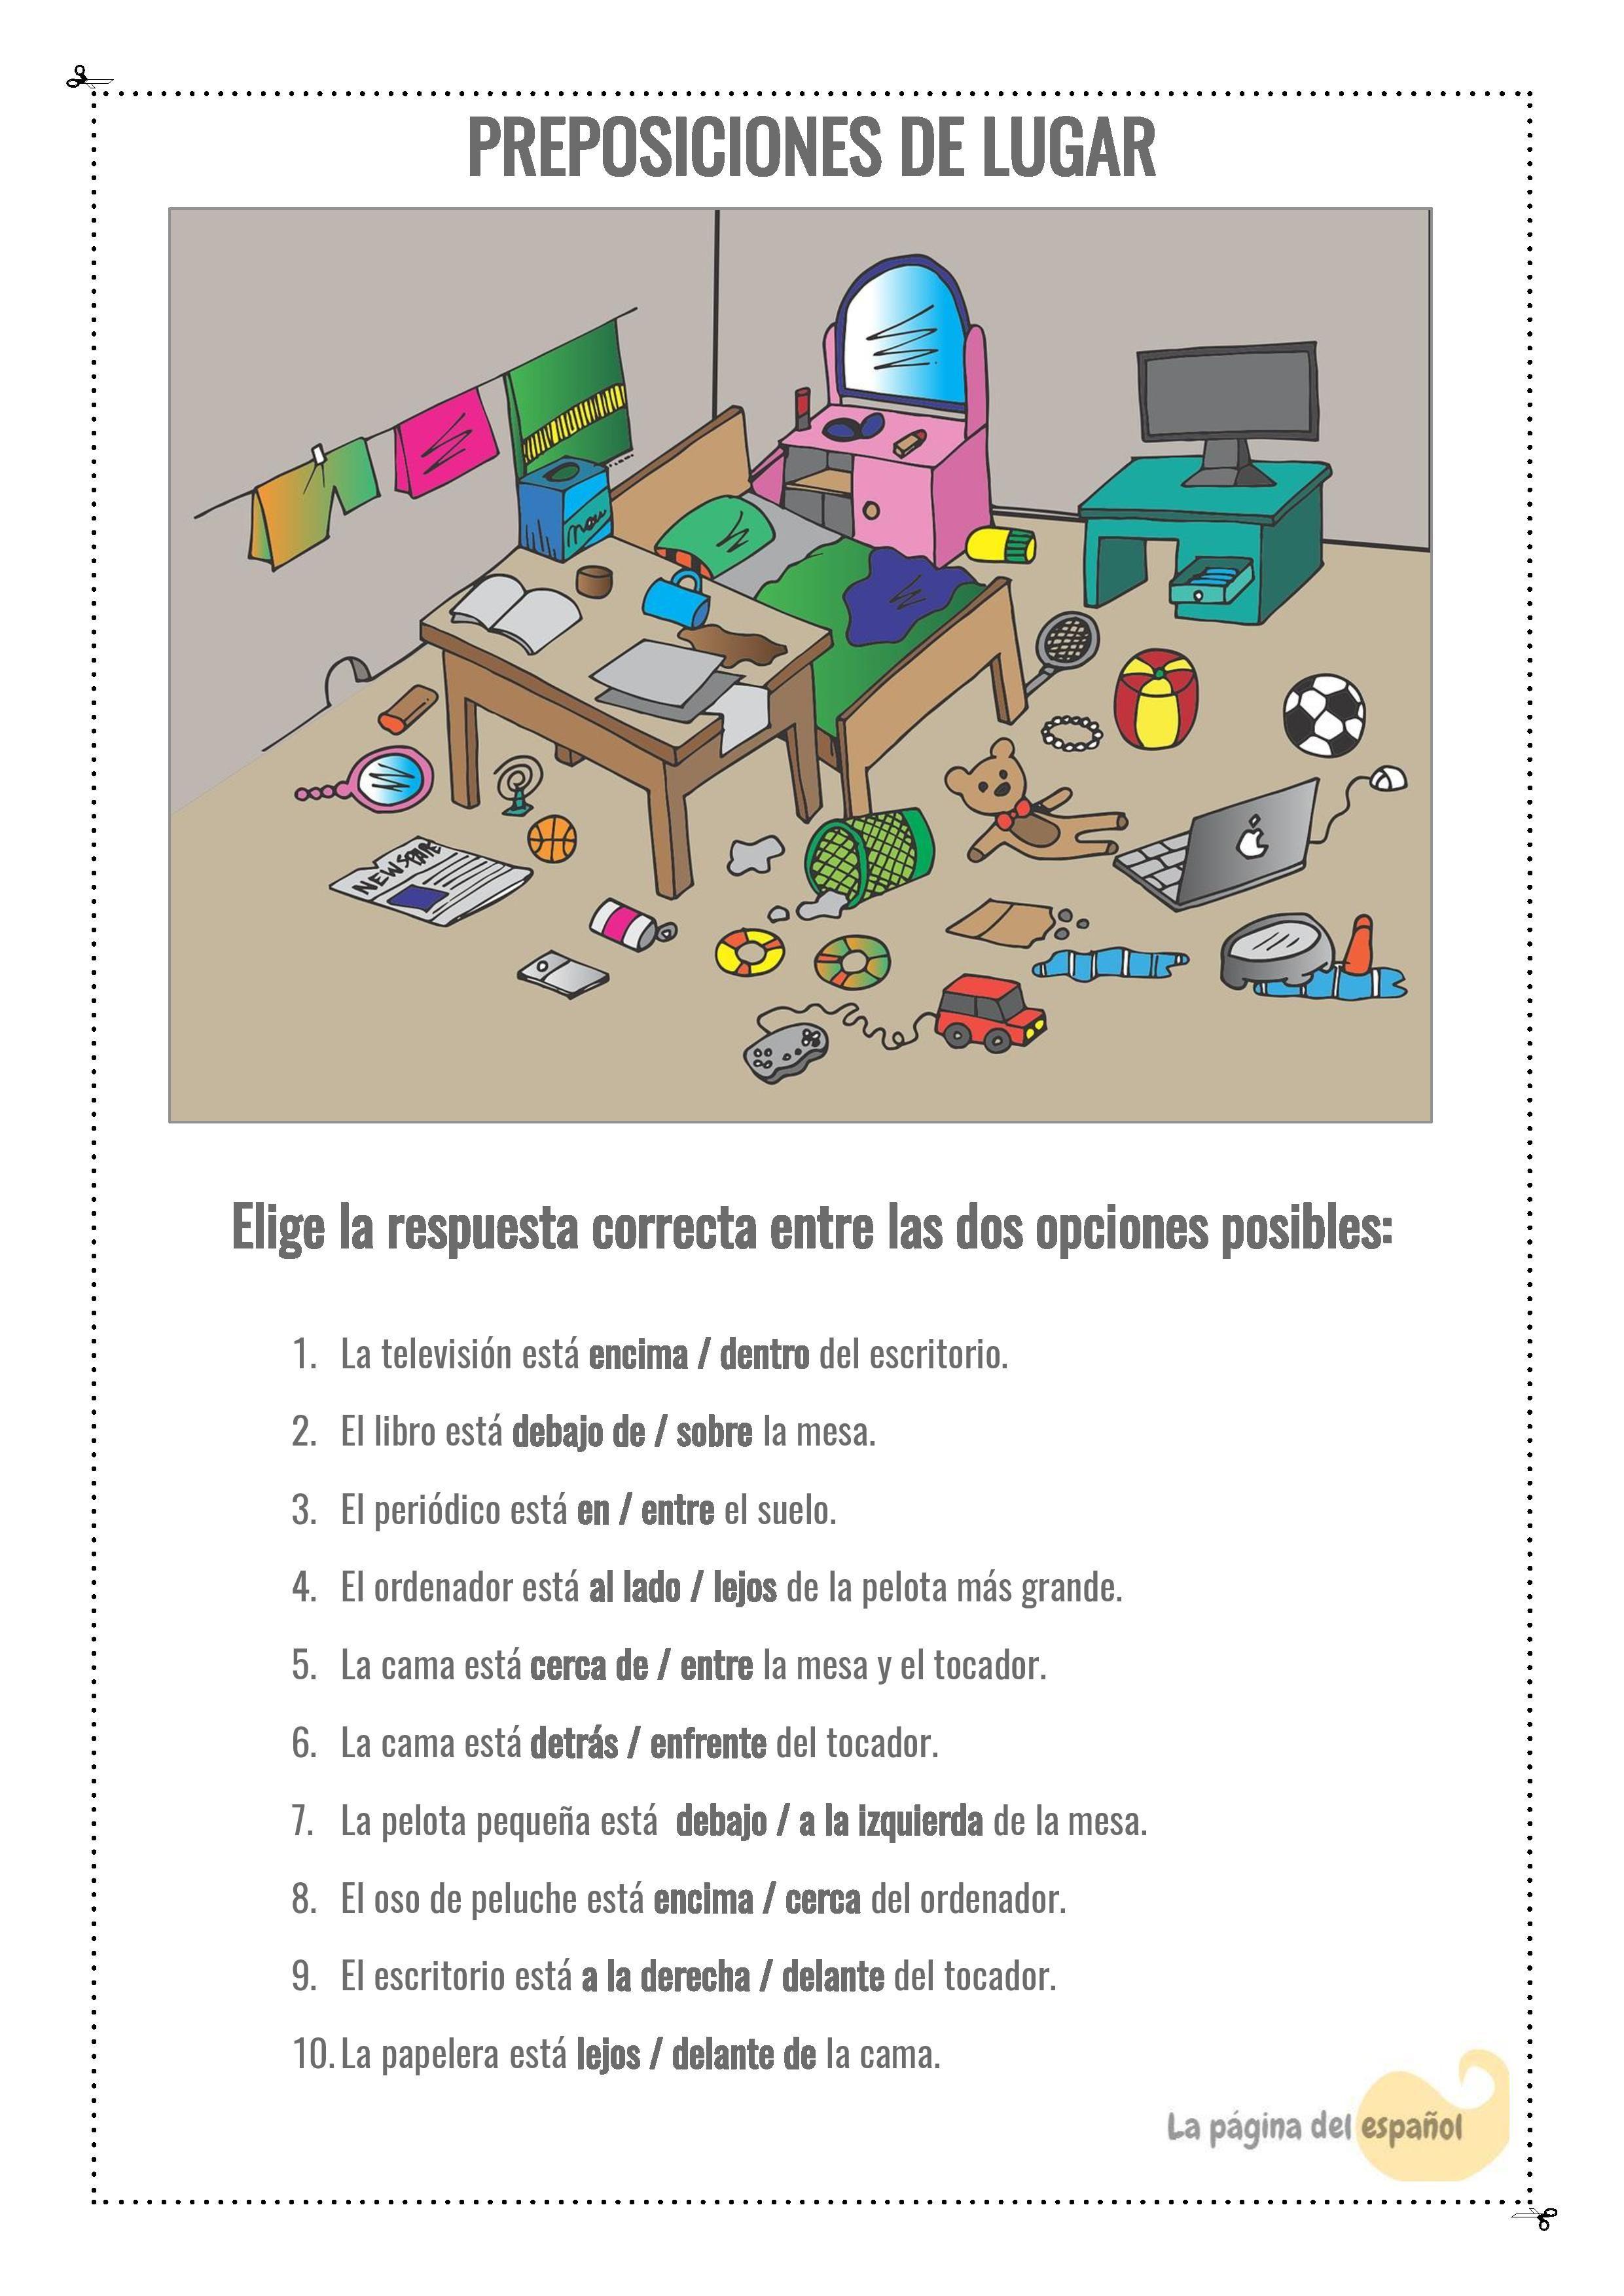 Preposiciones De Lugar La Pagina Del Espanol With